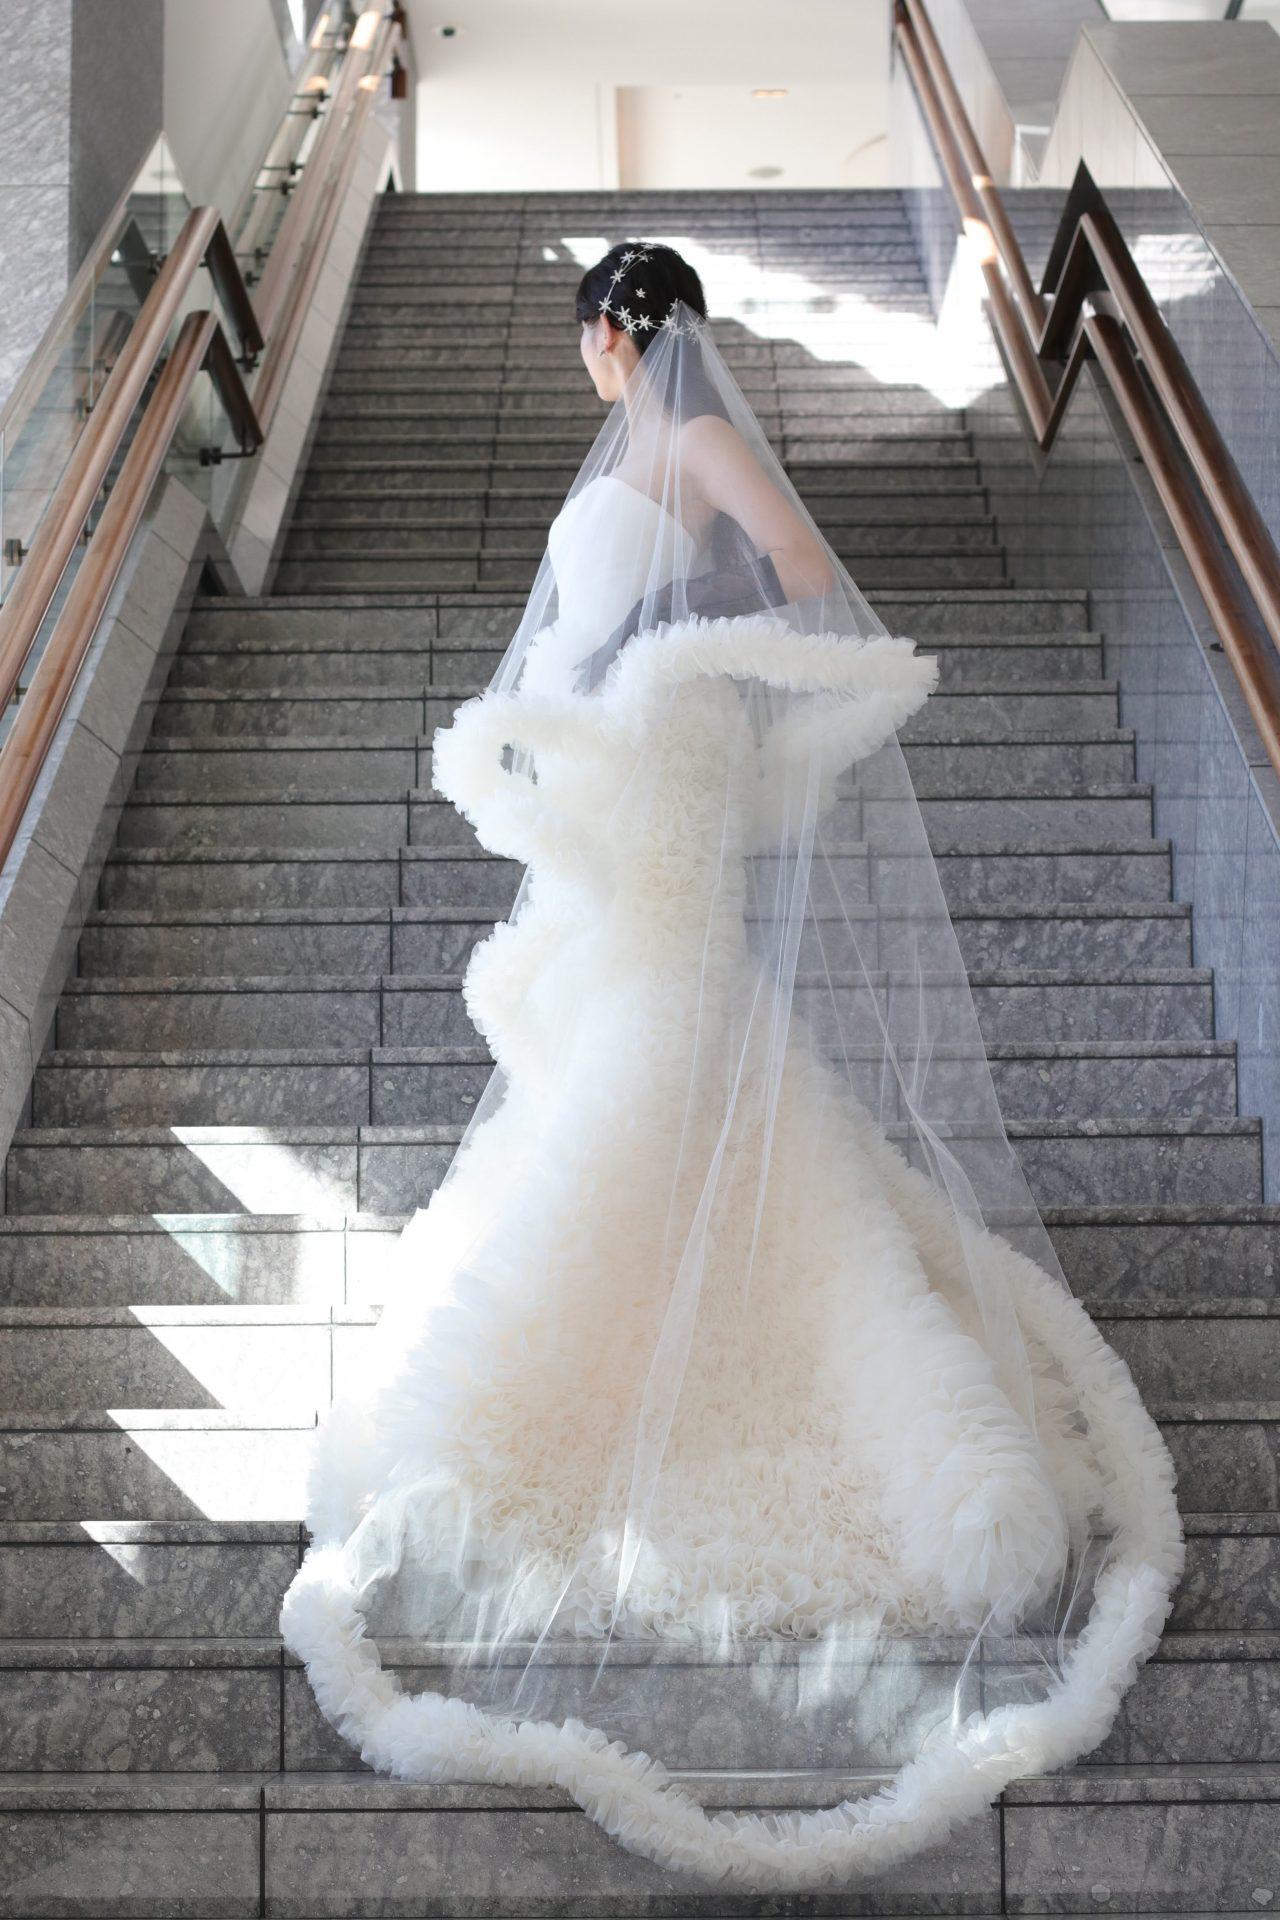 前撮りをお考えの花嫁様にお勧めしたいマーメイドラインのウェディングドレスは、大理石の大階段に映えるようなロングトレーンと、ボリューミーなフリルスカートによるシルエットが美しく、ゴージャスなお写真を残すことが出来ます